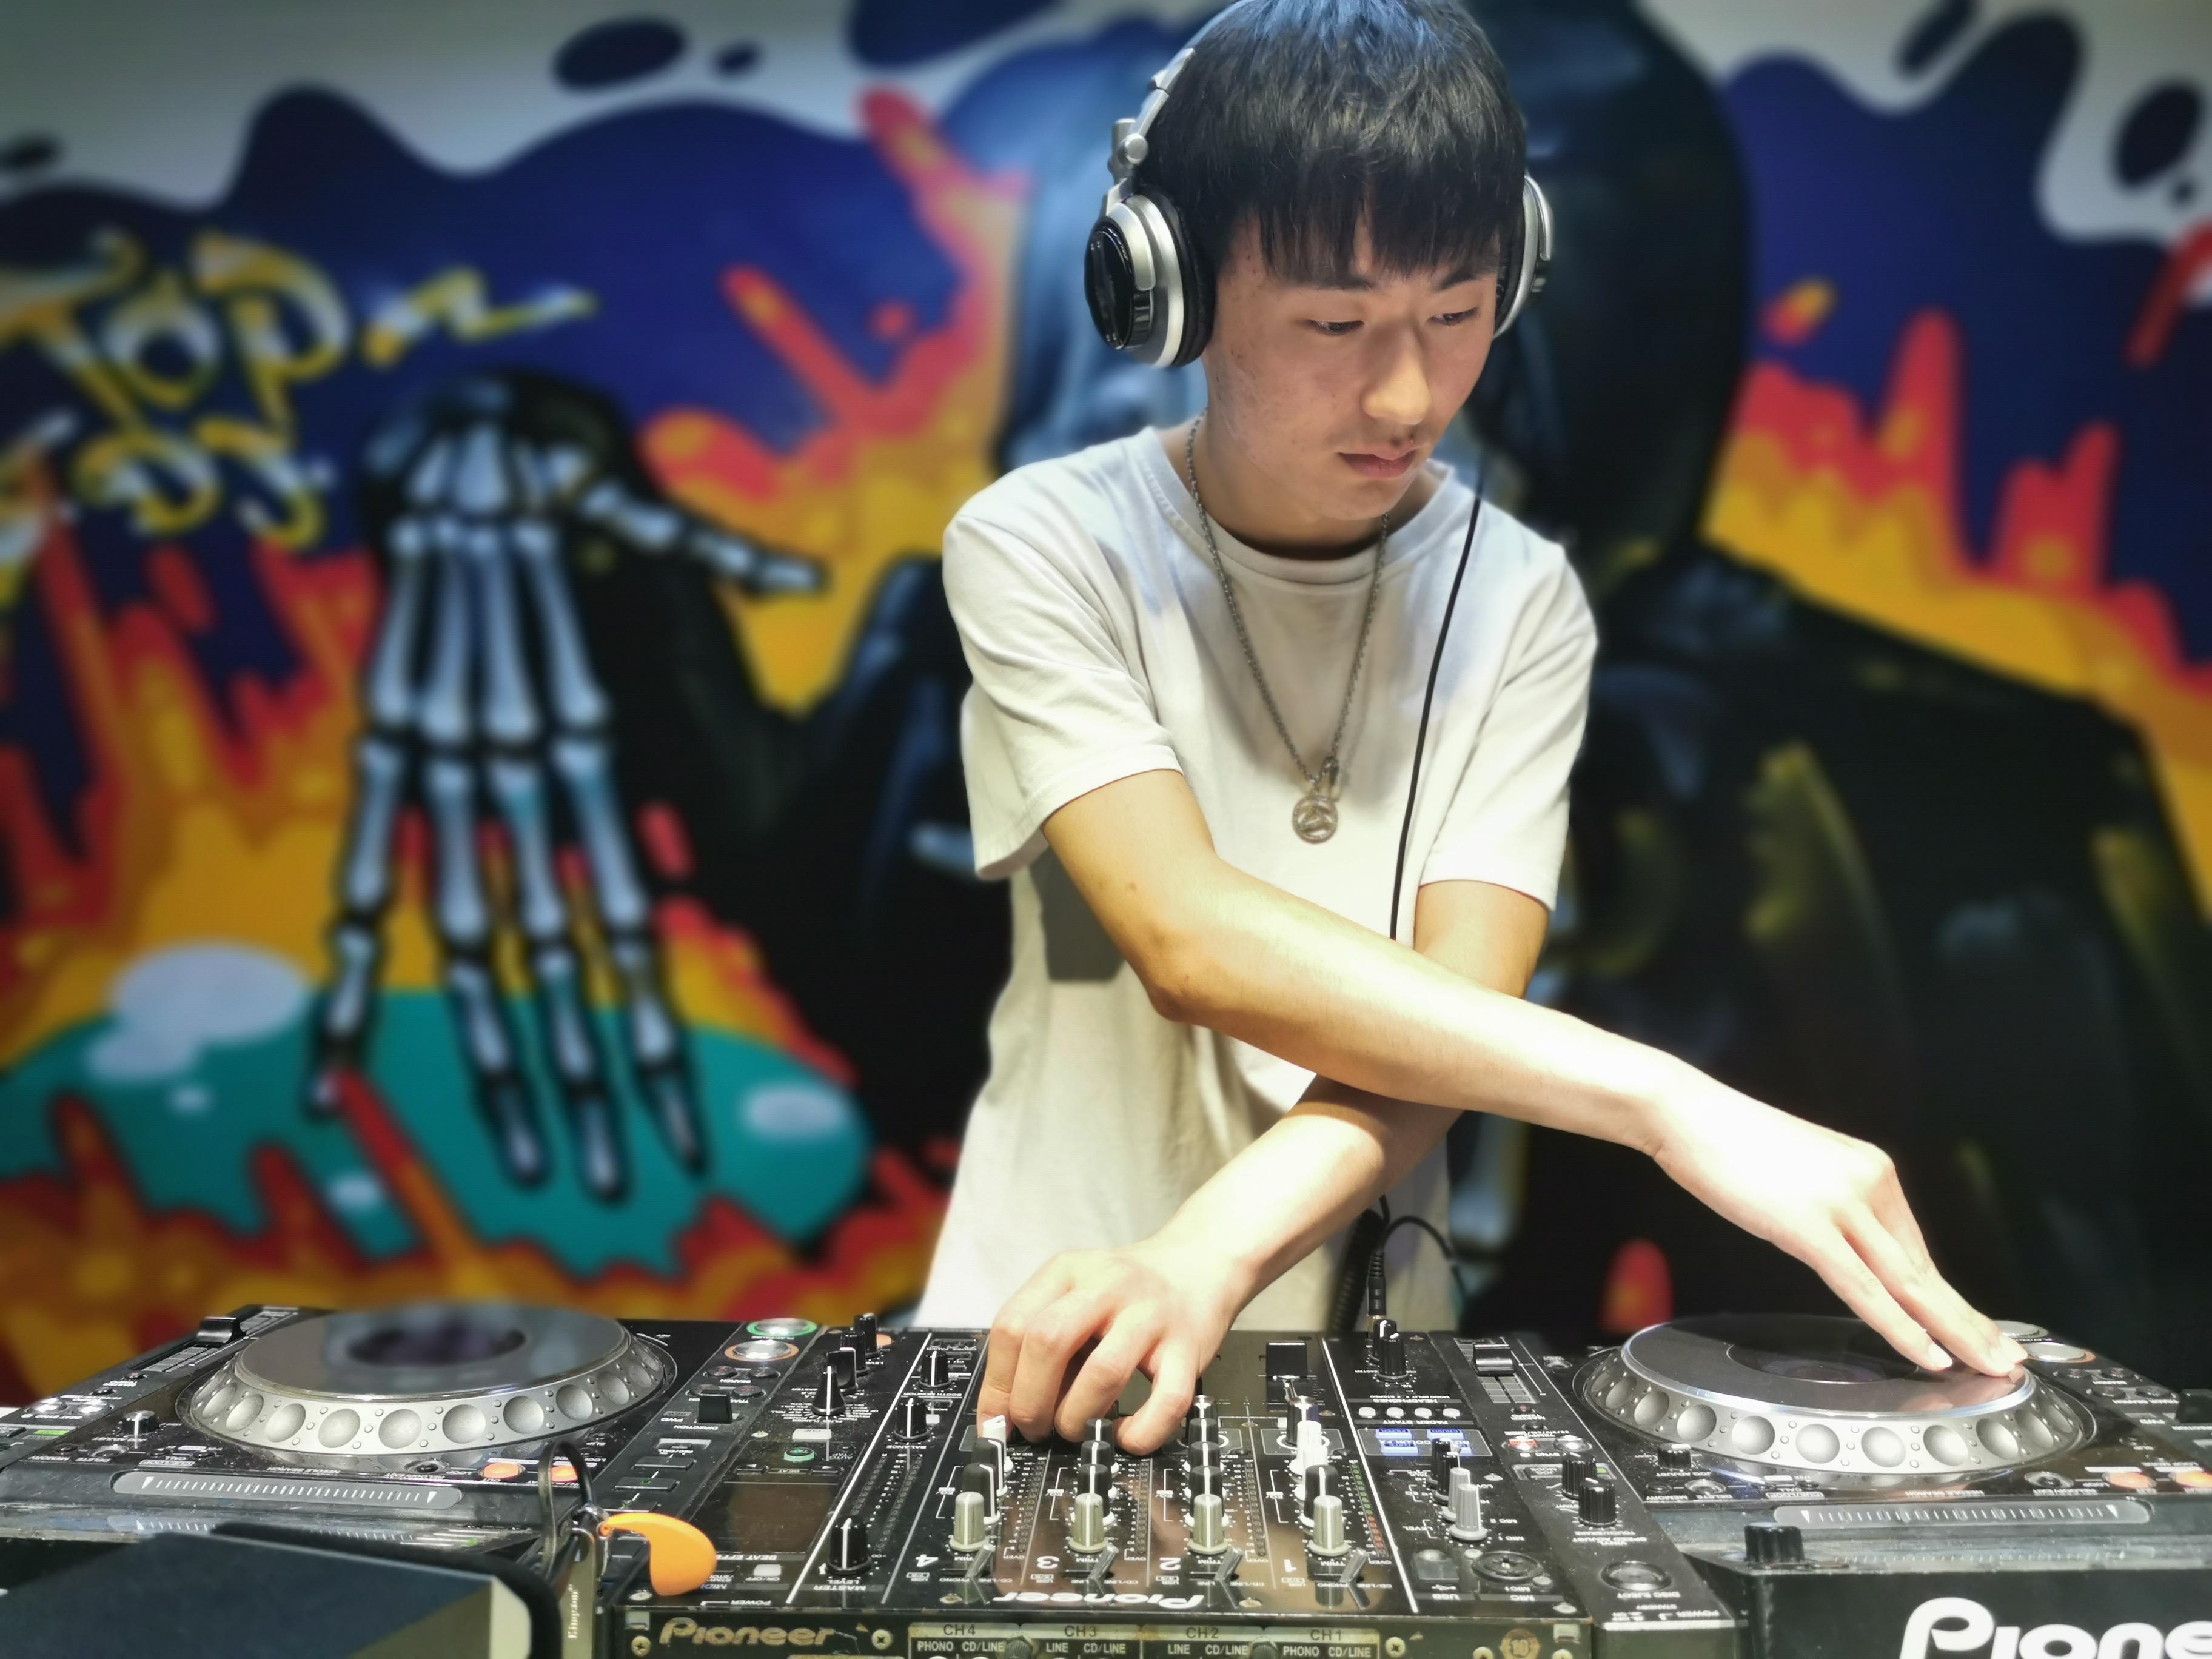 江苏顶尖DJ学校学员李善祥毕业考试